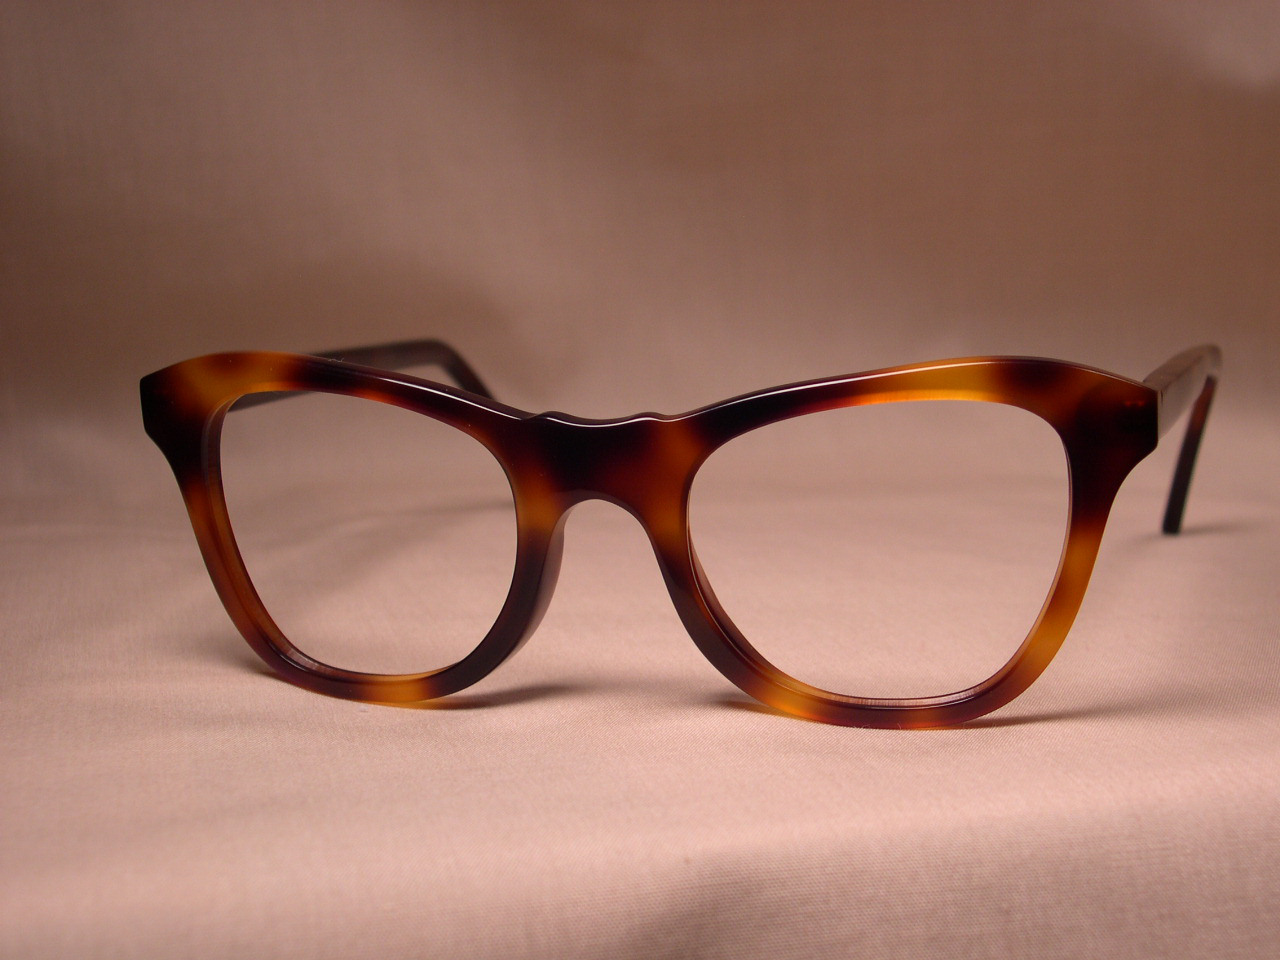 Indivijual-Custom-Glasses-45.jpg